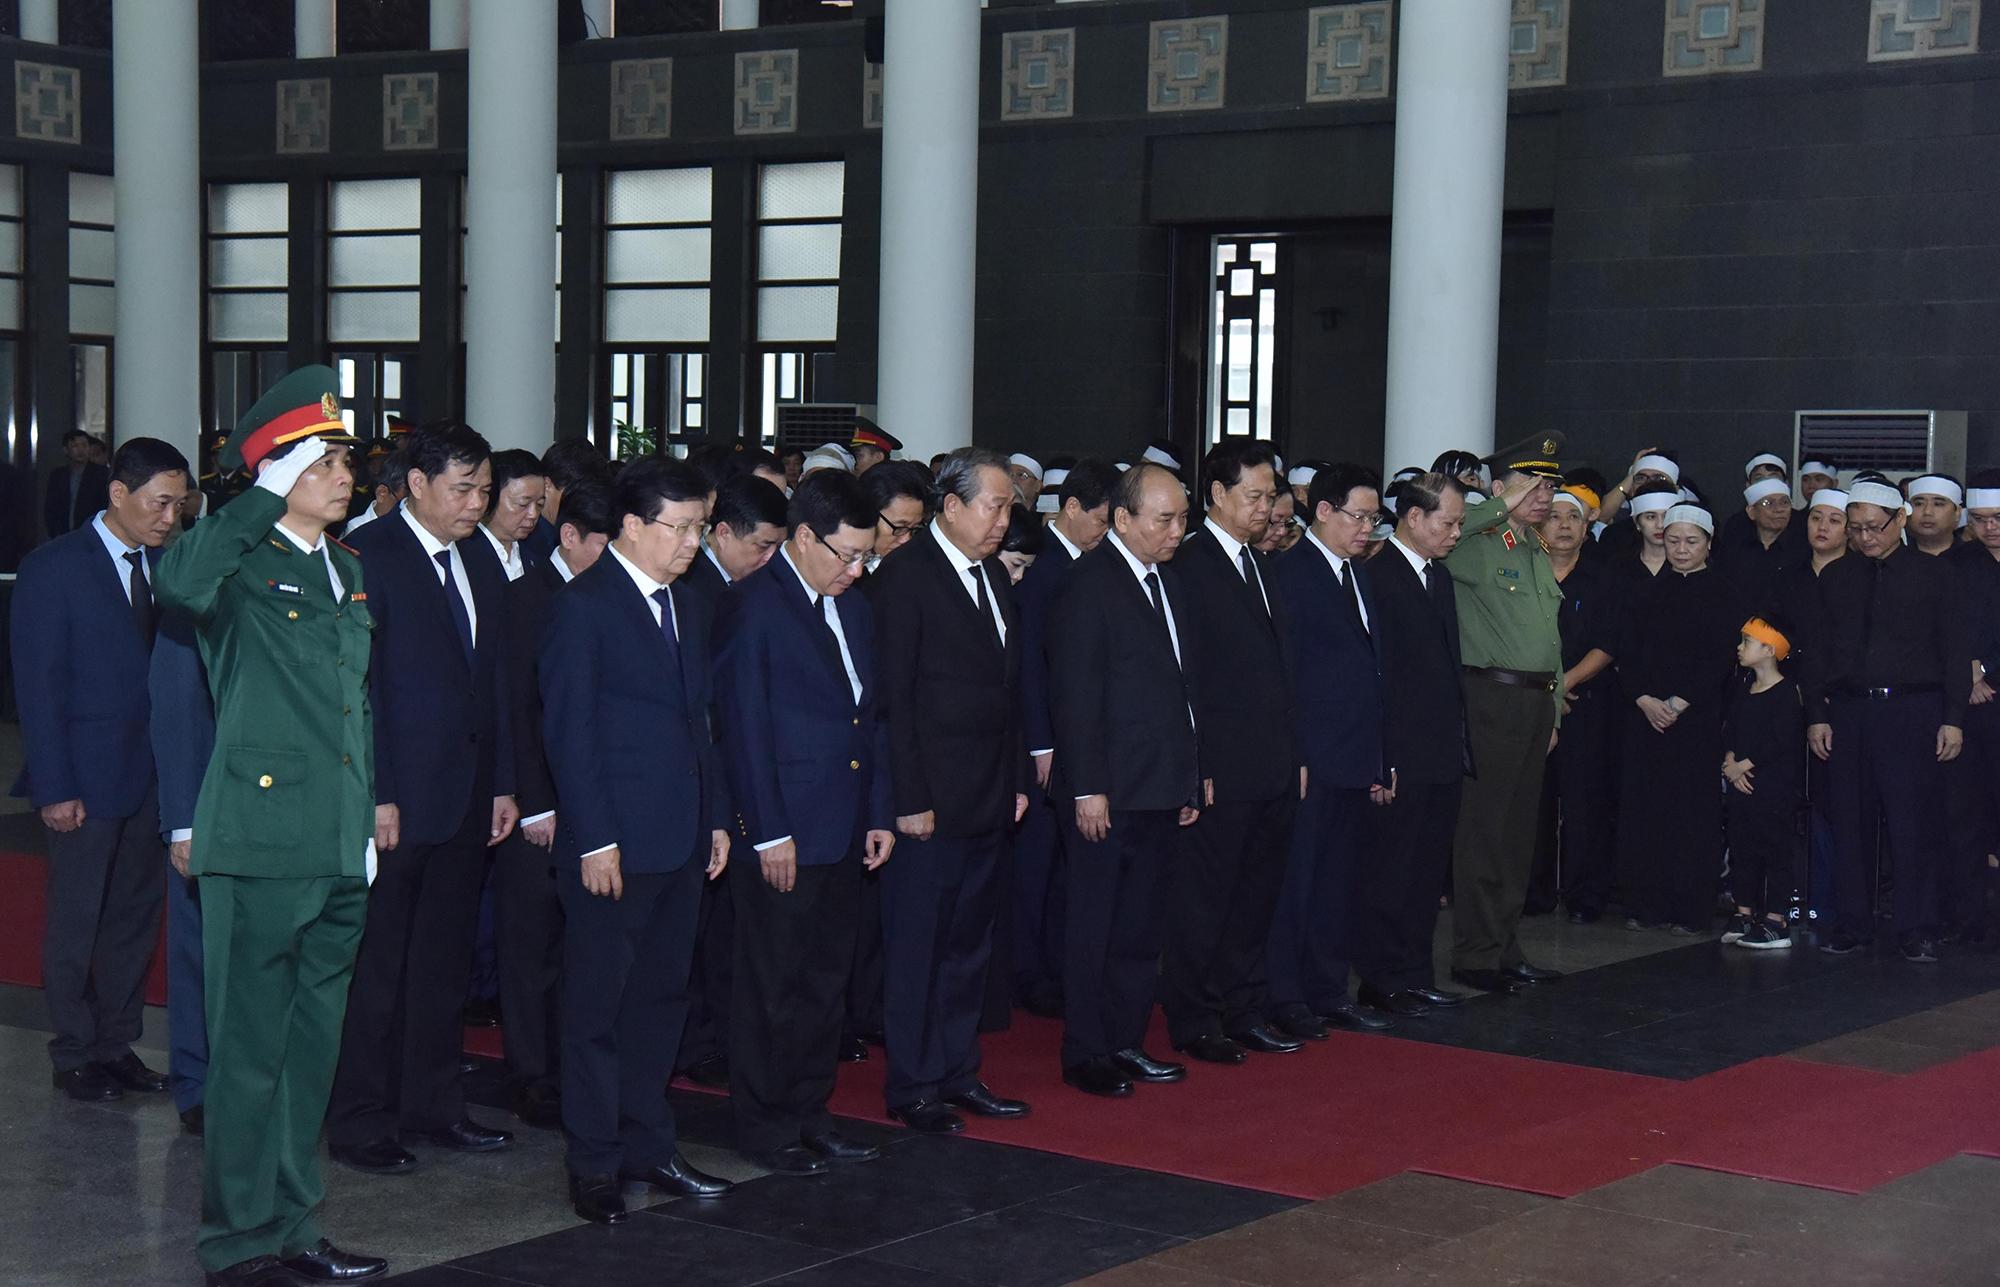 Tổ chức trọng thể Lễ tang đồng chí Đồng Sỹ Nguyễn - Ảnh 3